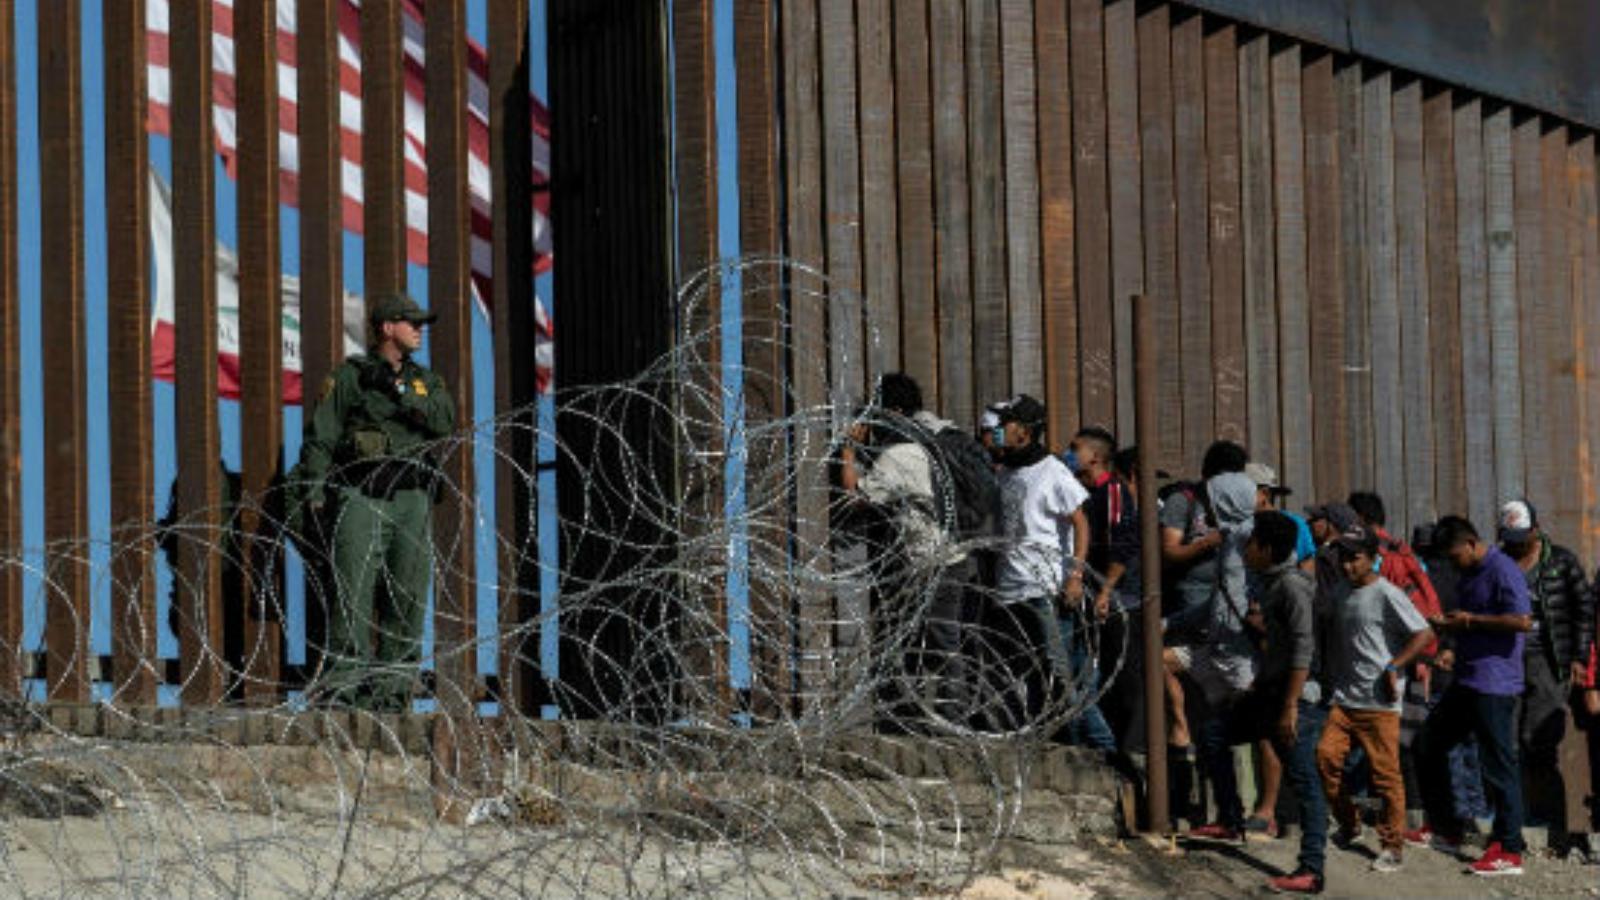 Estados de EE.UU en alianza contra ley que niega ciudadanía a migrantes